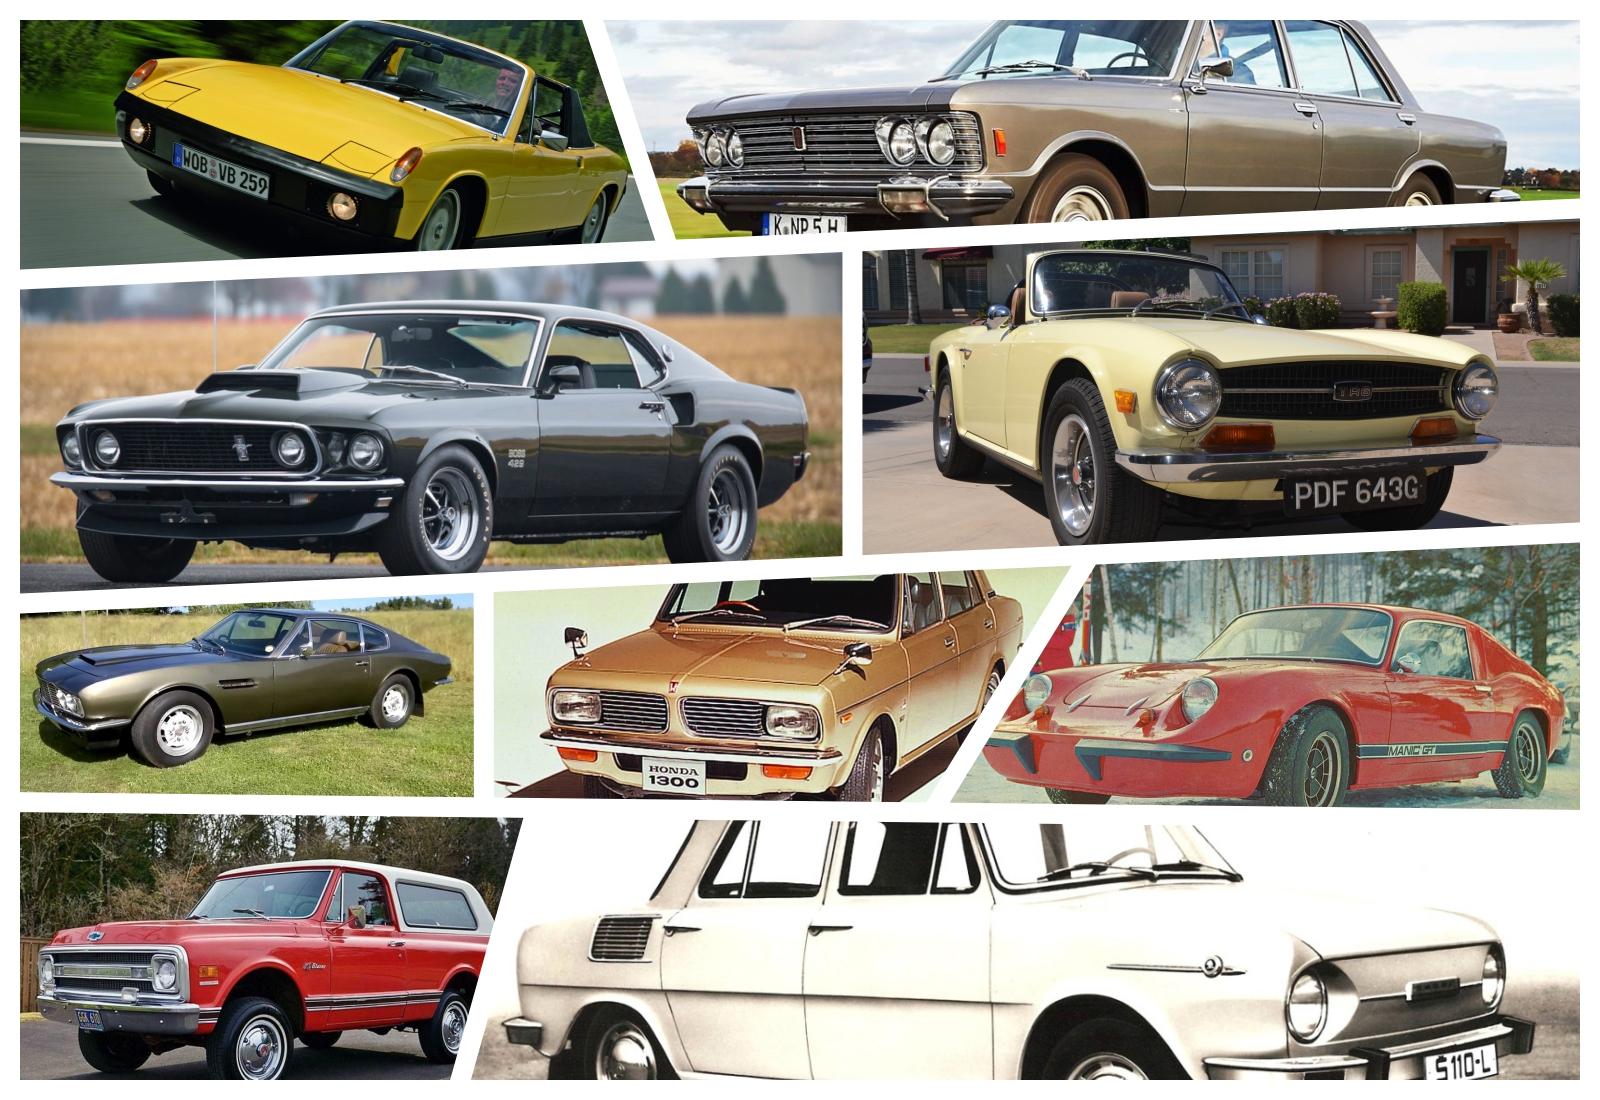 Recorda-se dos melhores carros lançados há 50 anos?